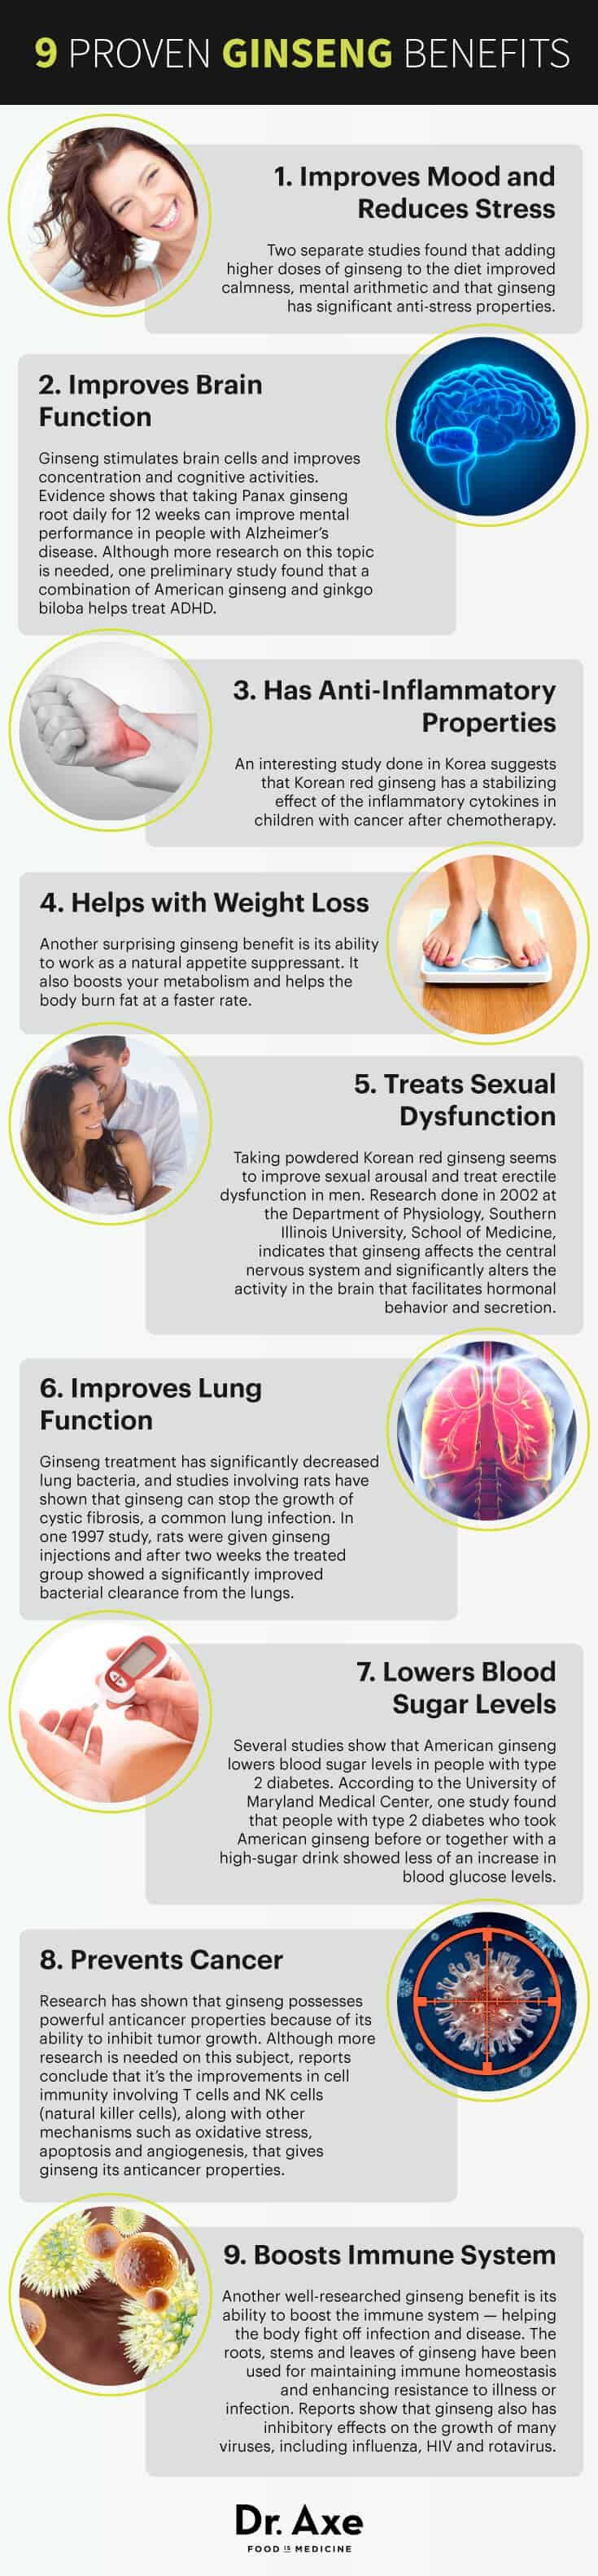 9 ginseng benefits - Dr. Axe